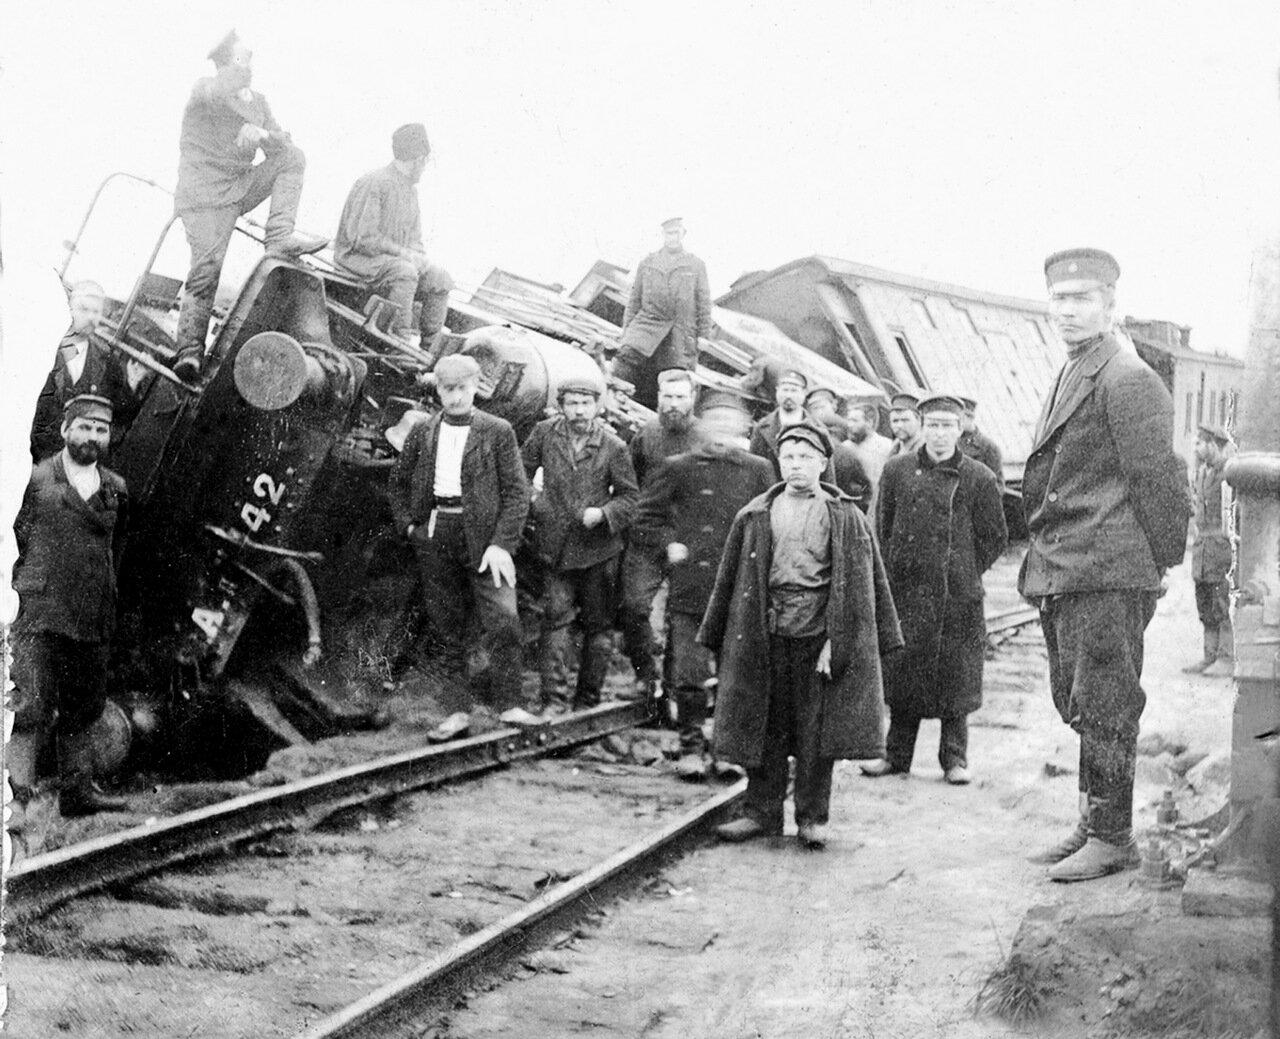 Крушение поезда. Разъезд Хребет, 8 сентября 1906 г.